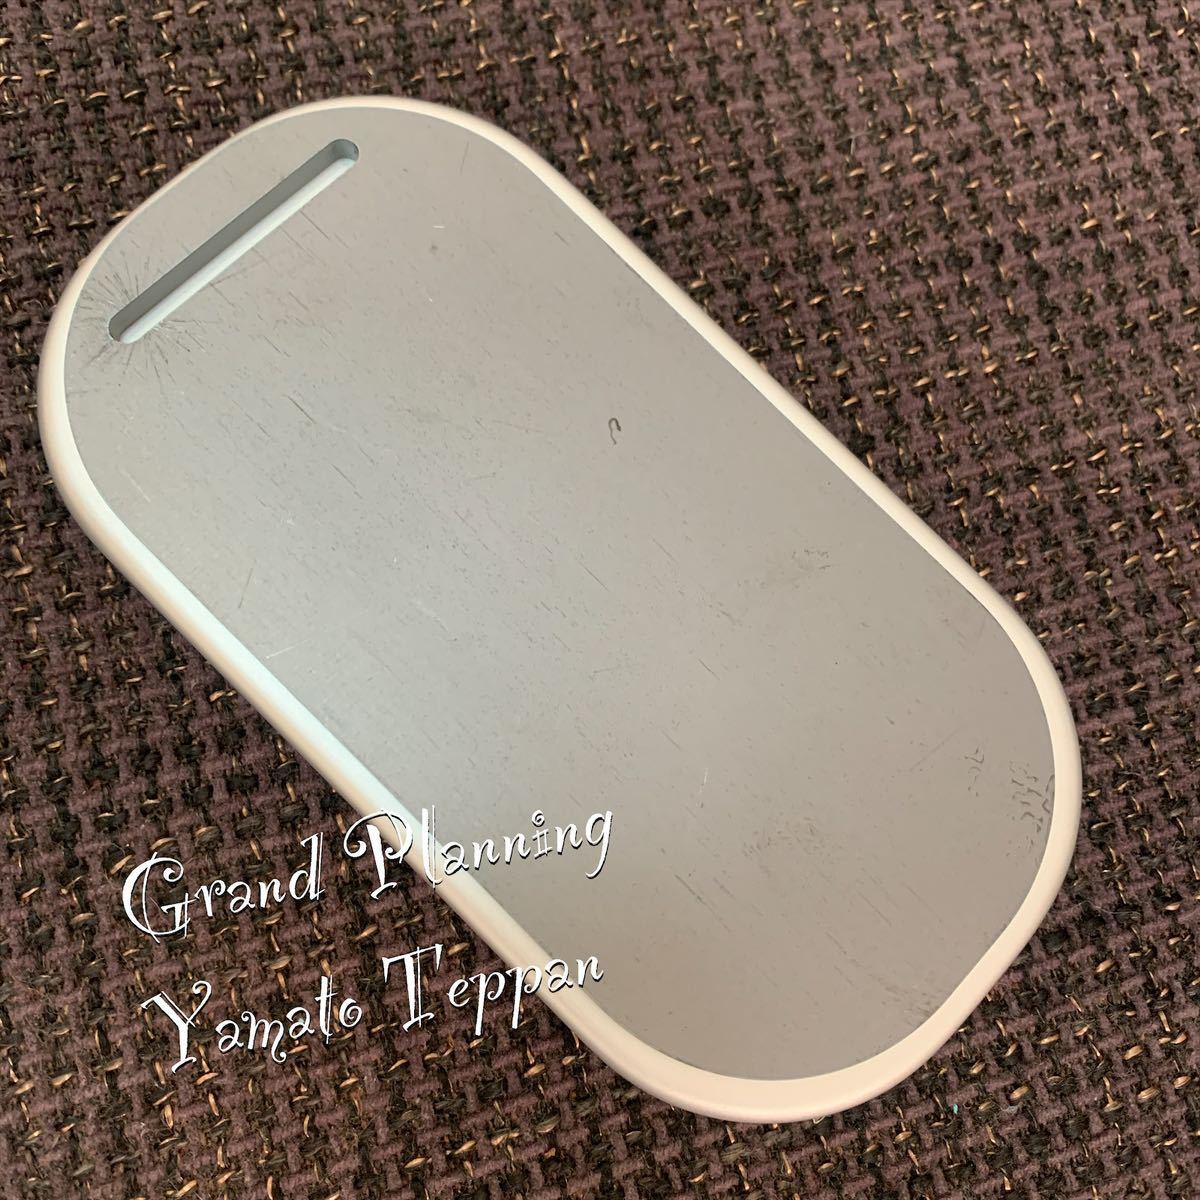 ダイソー メスティン ゴトク 収納 6ミリ 鉄板 マルチトング ヘラ ターナー 小皿 まな板 スターターセット 大和鉄板